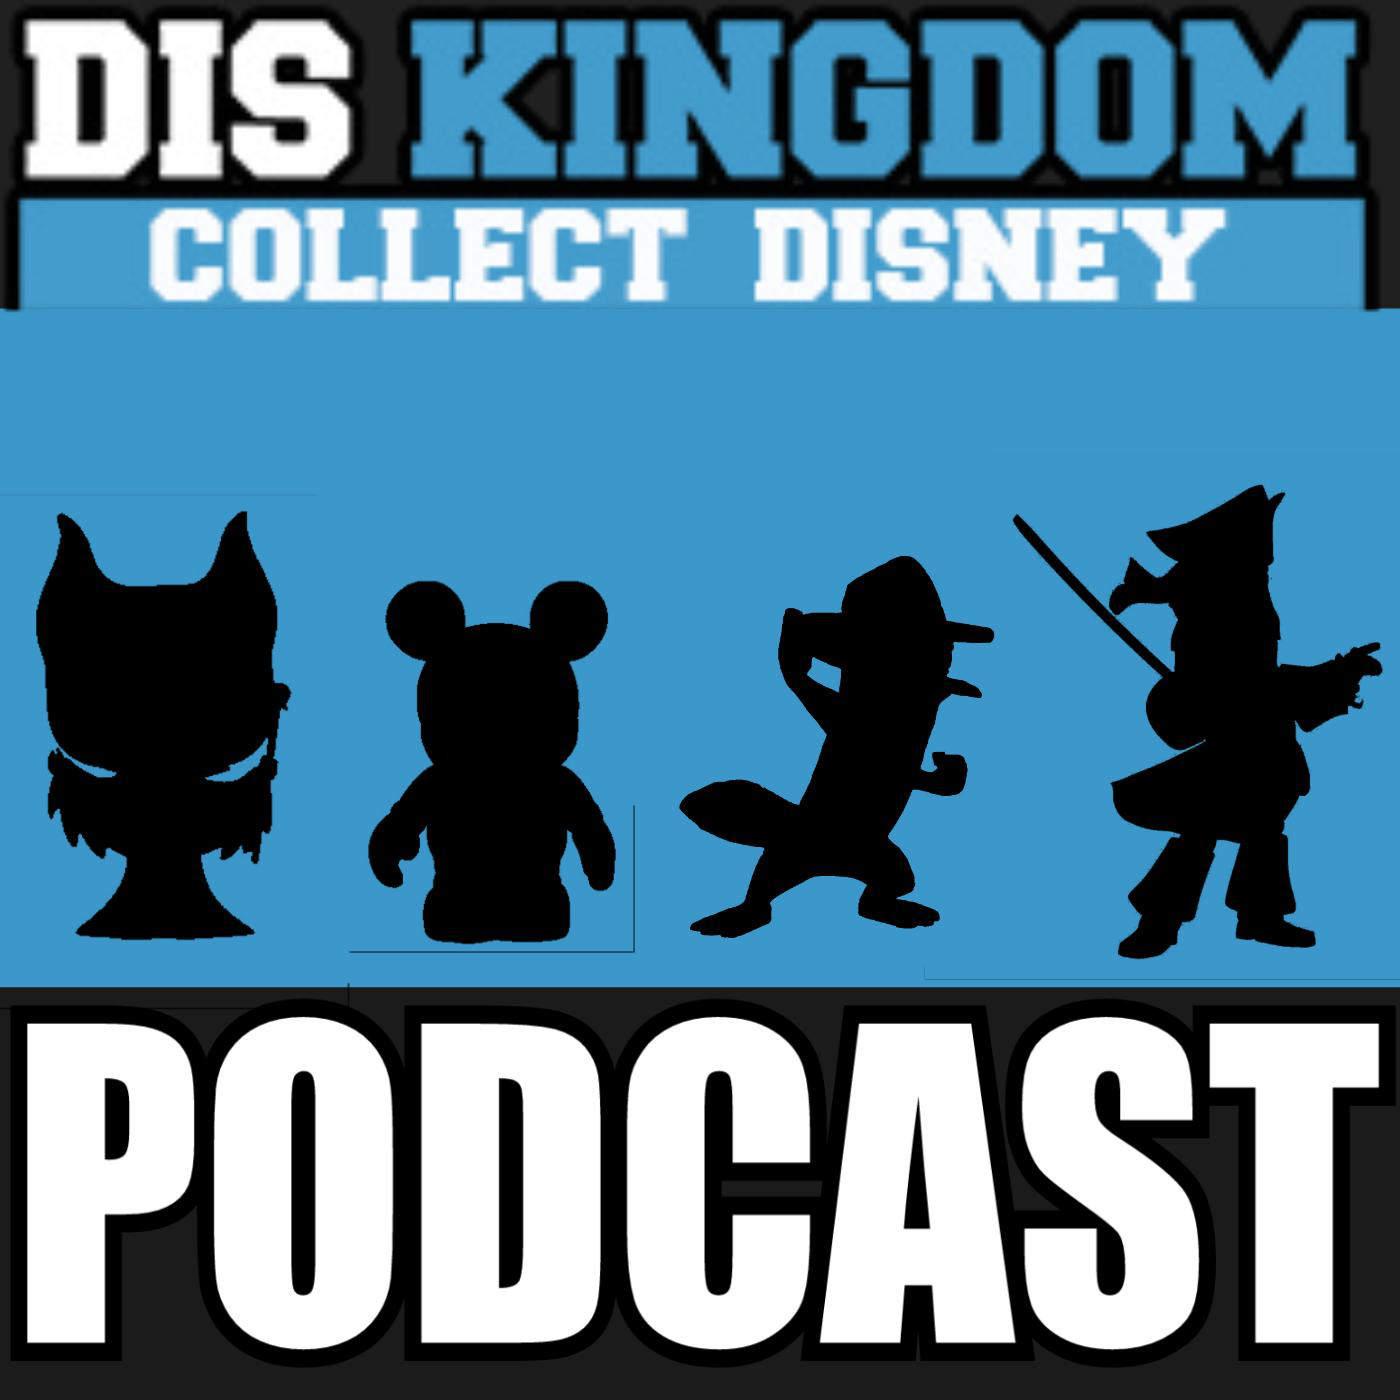 Diskingdom Com Collect Disney Podcast